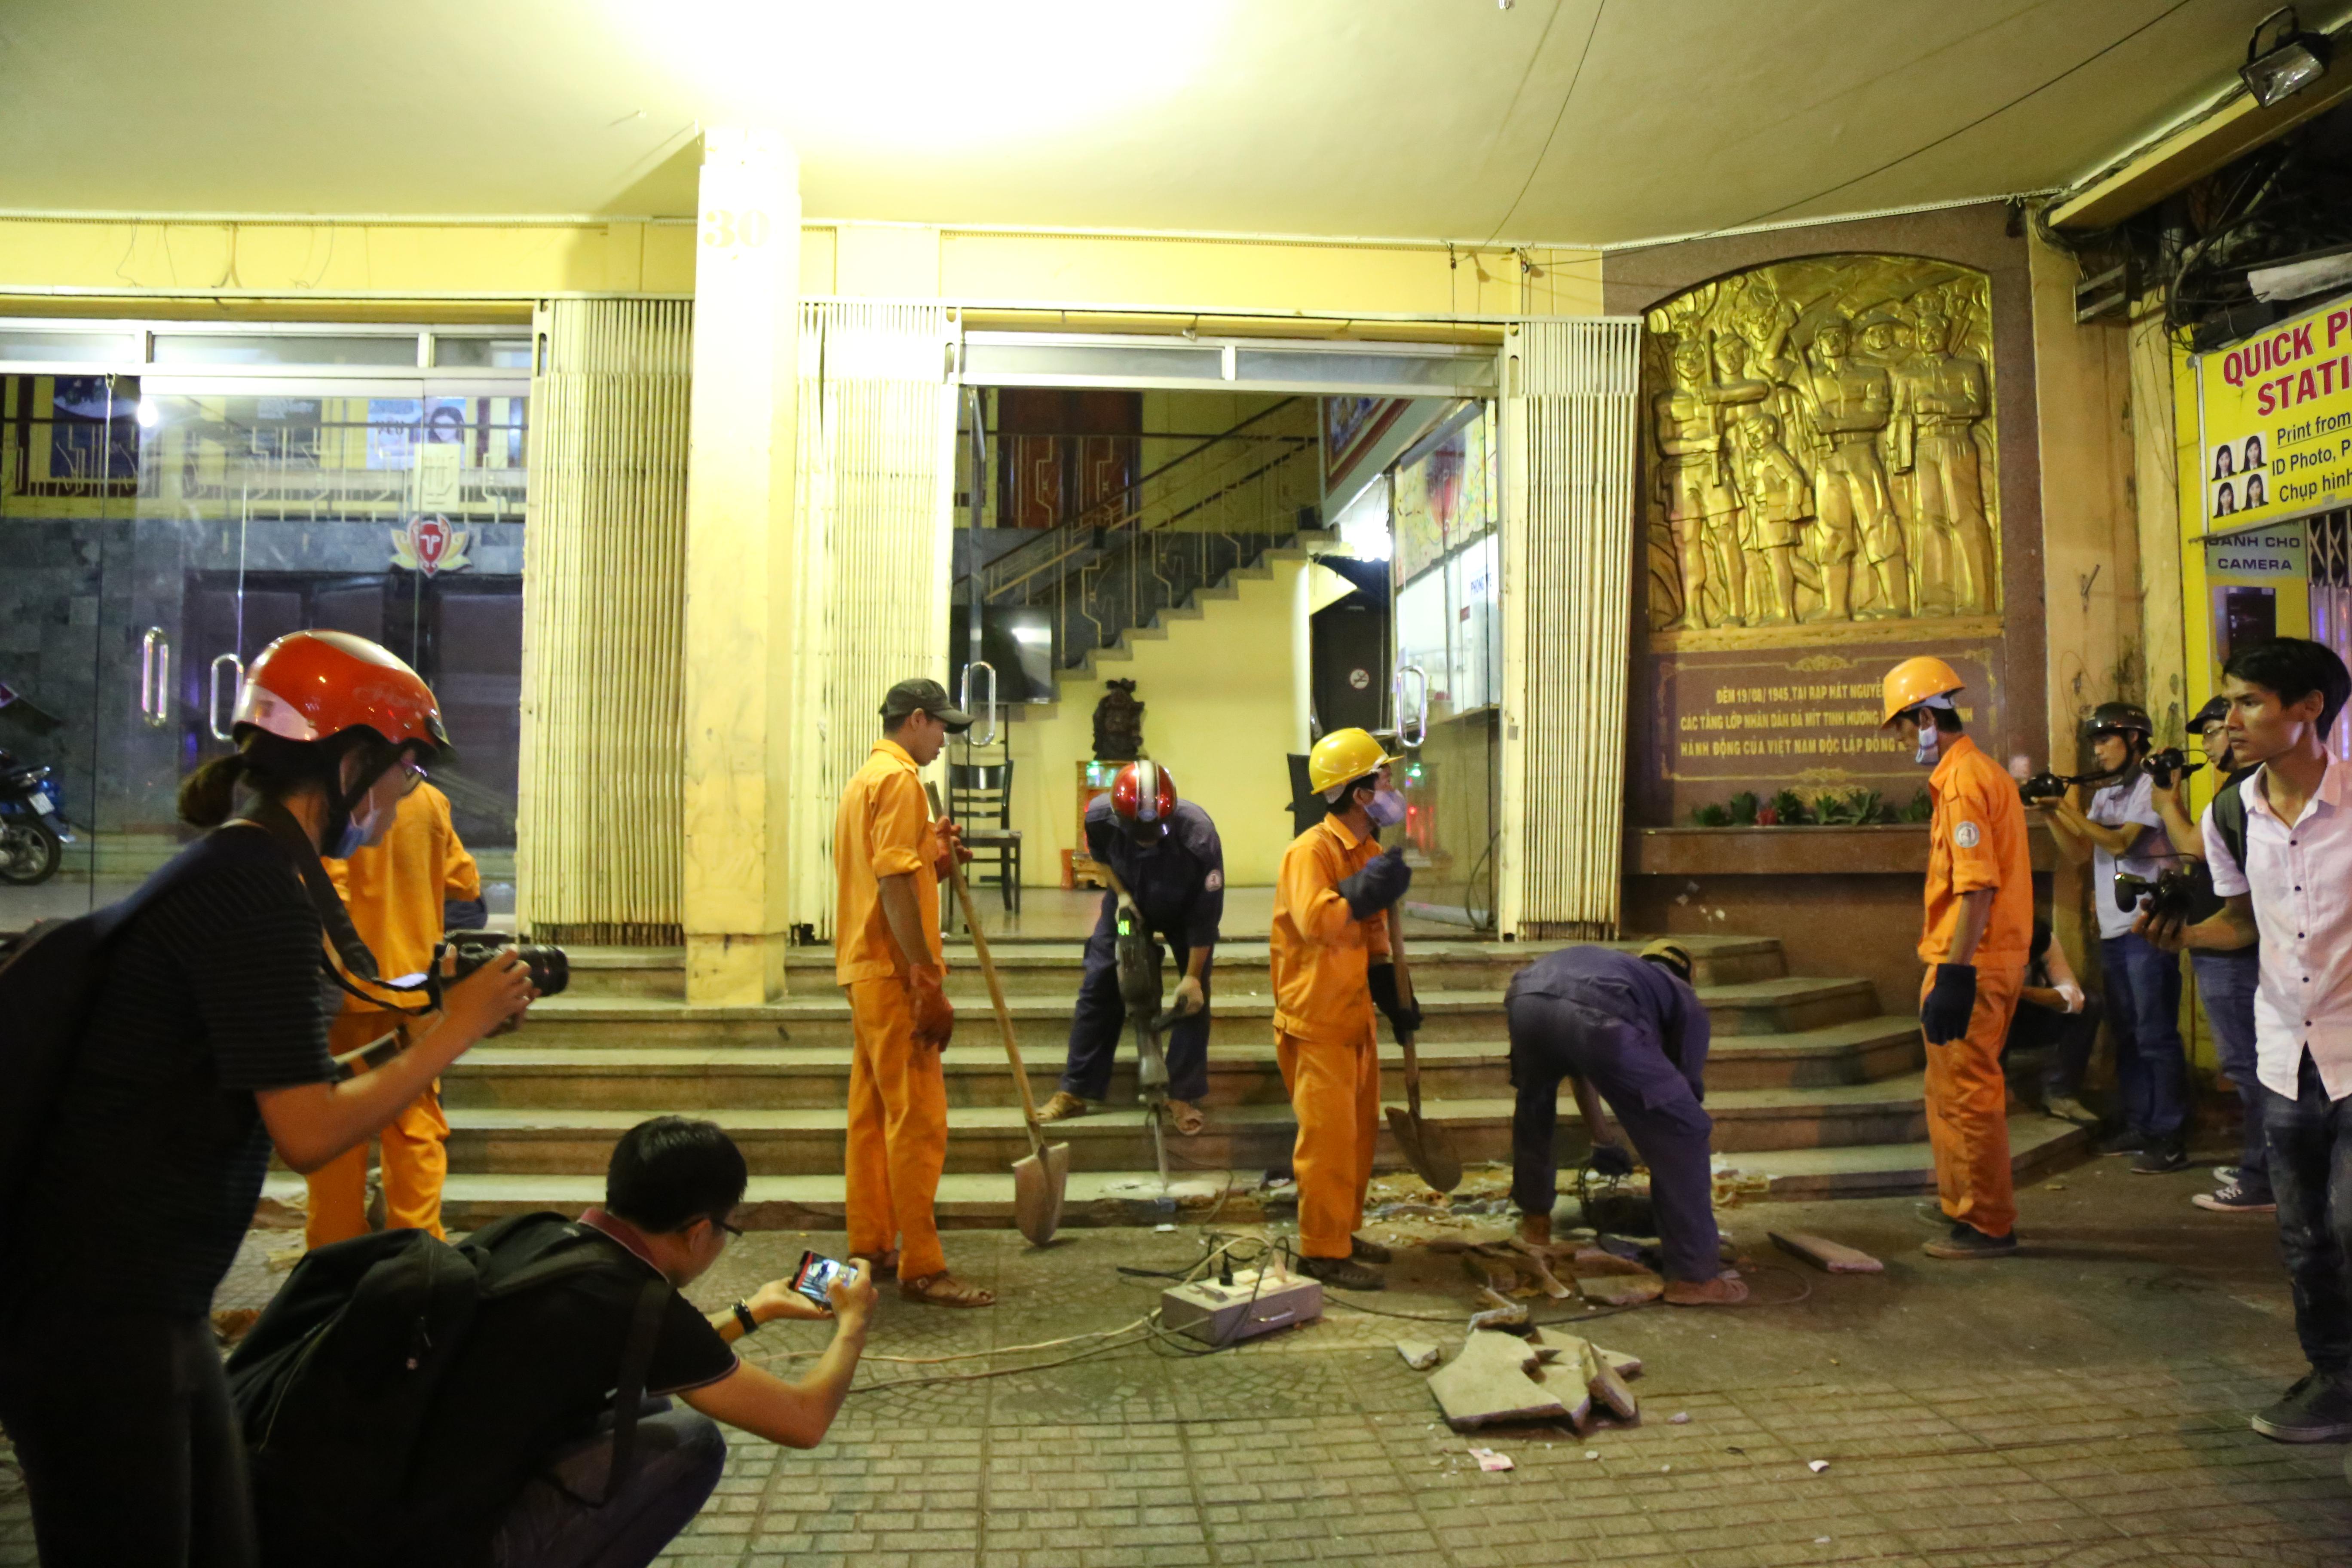 Quán café Starbucks ở ngã 6 Phù Đổng, Sài Gòn bị phá bỏ khu bồn hoa, bậc thềm vì lấn chiếm vỉa hè - Ảnh 5.